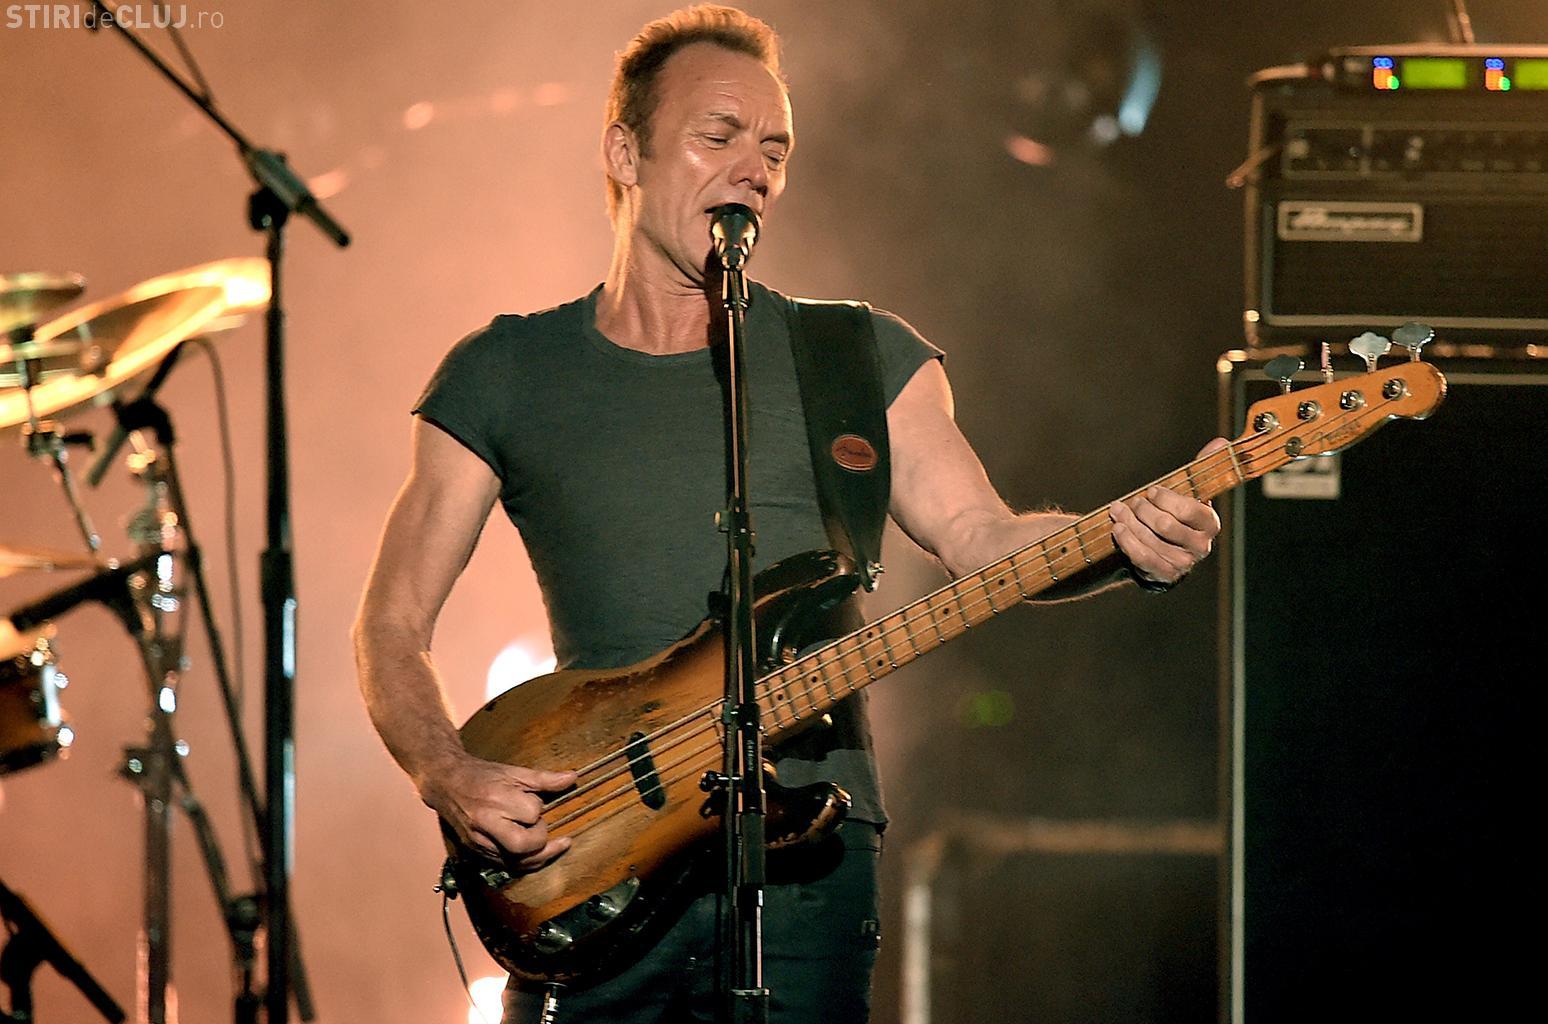 Concert Sting la Cluj, în octombrie